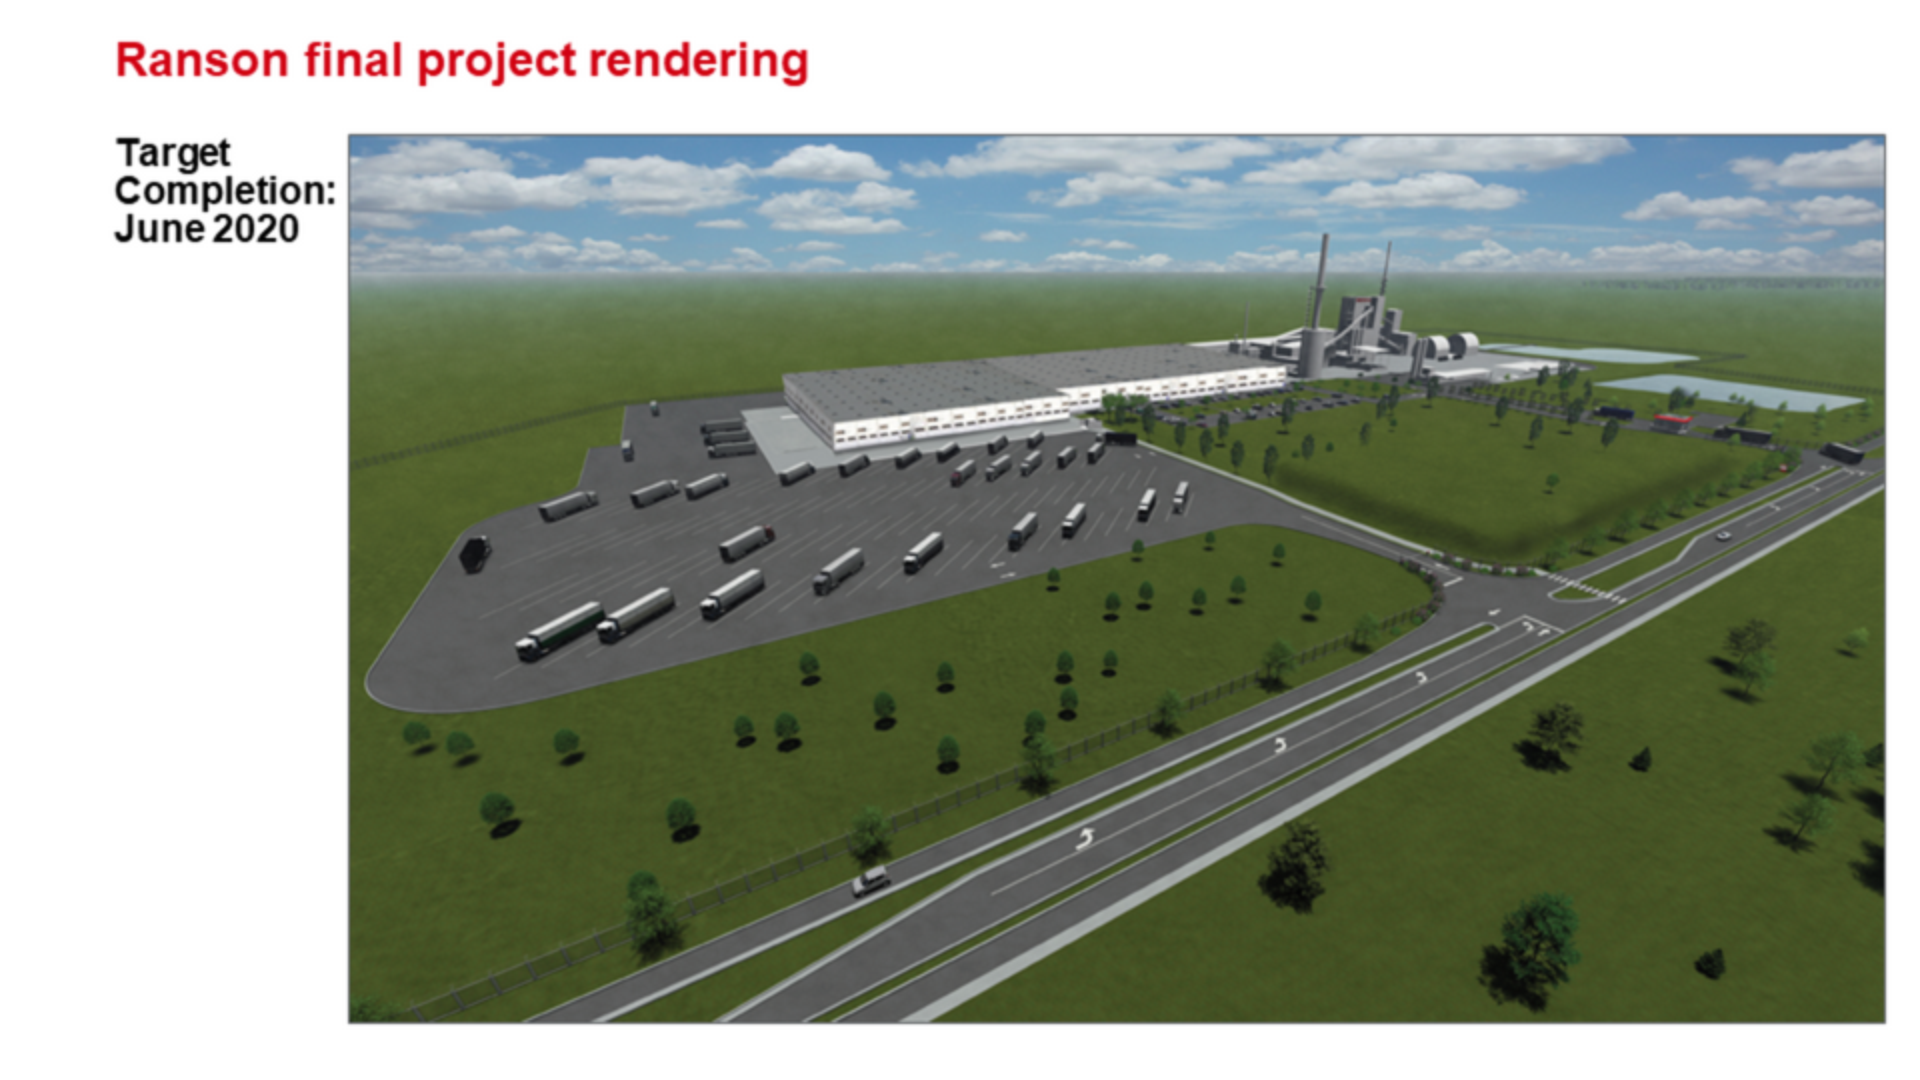 ROCKWOOL Ranson (Jefferson County) WV final project rendering.